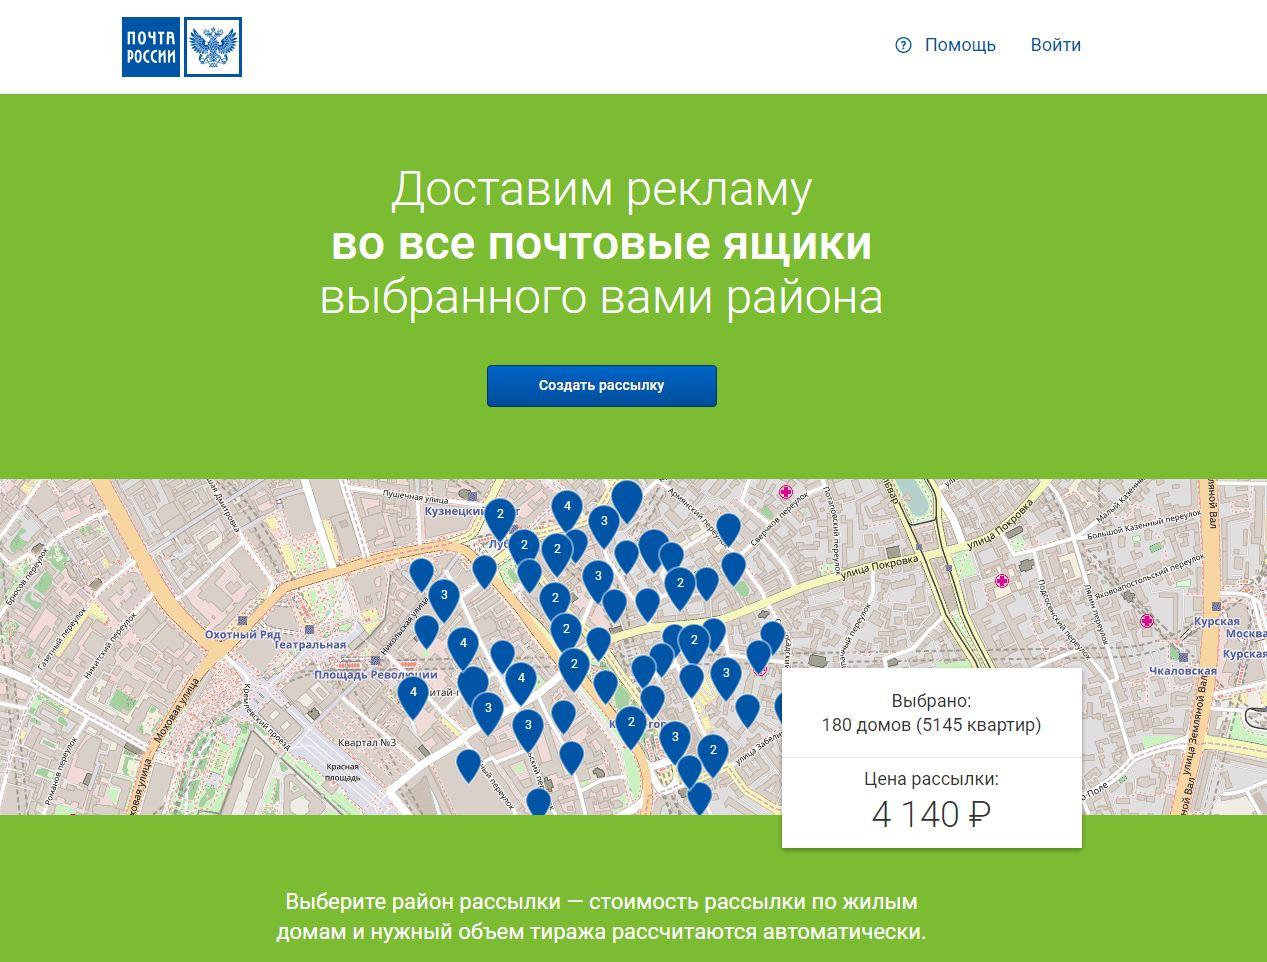 Сервис Почты России для малого и среднего бизнеса стал доступен в более чем 100 городах страны